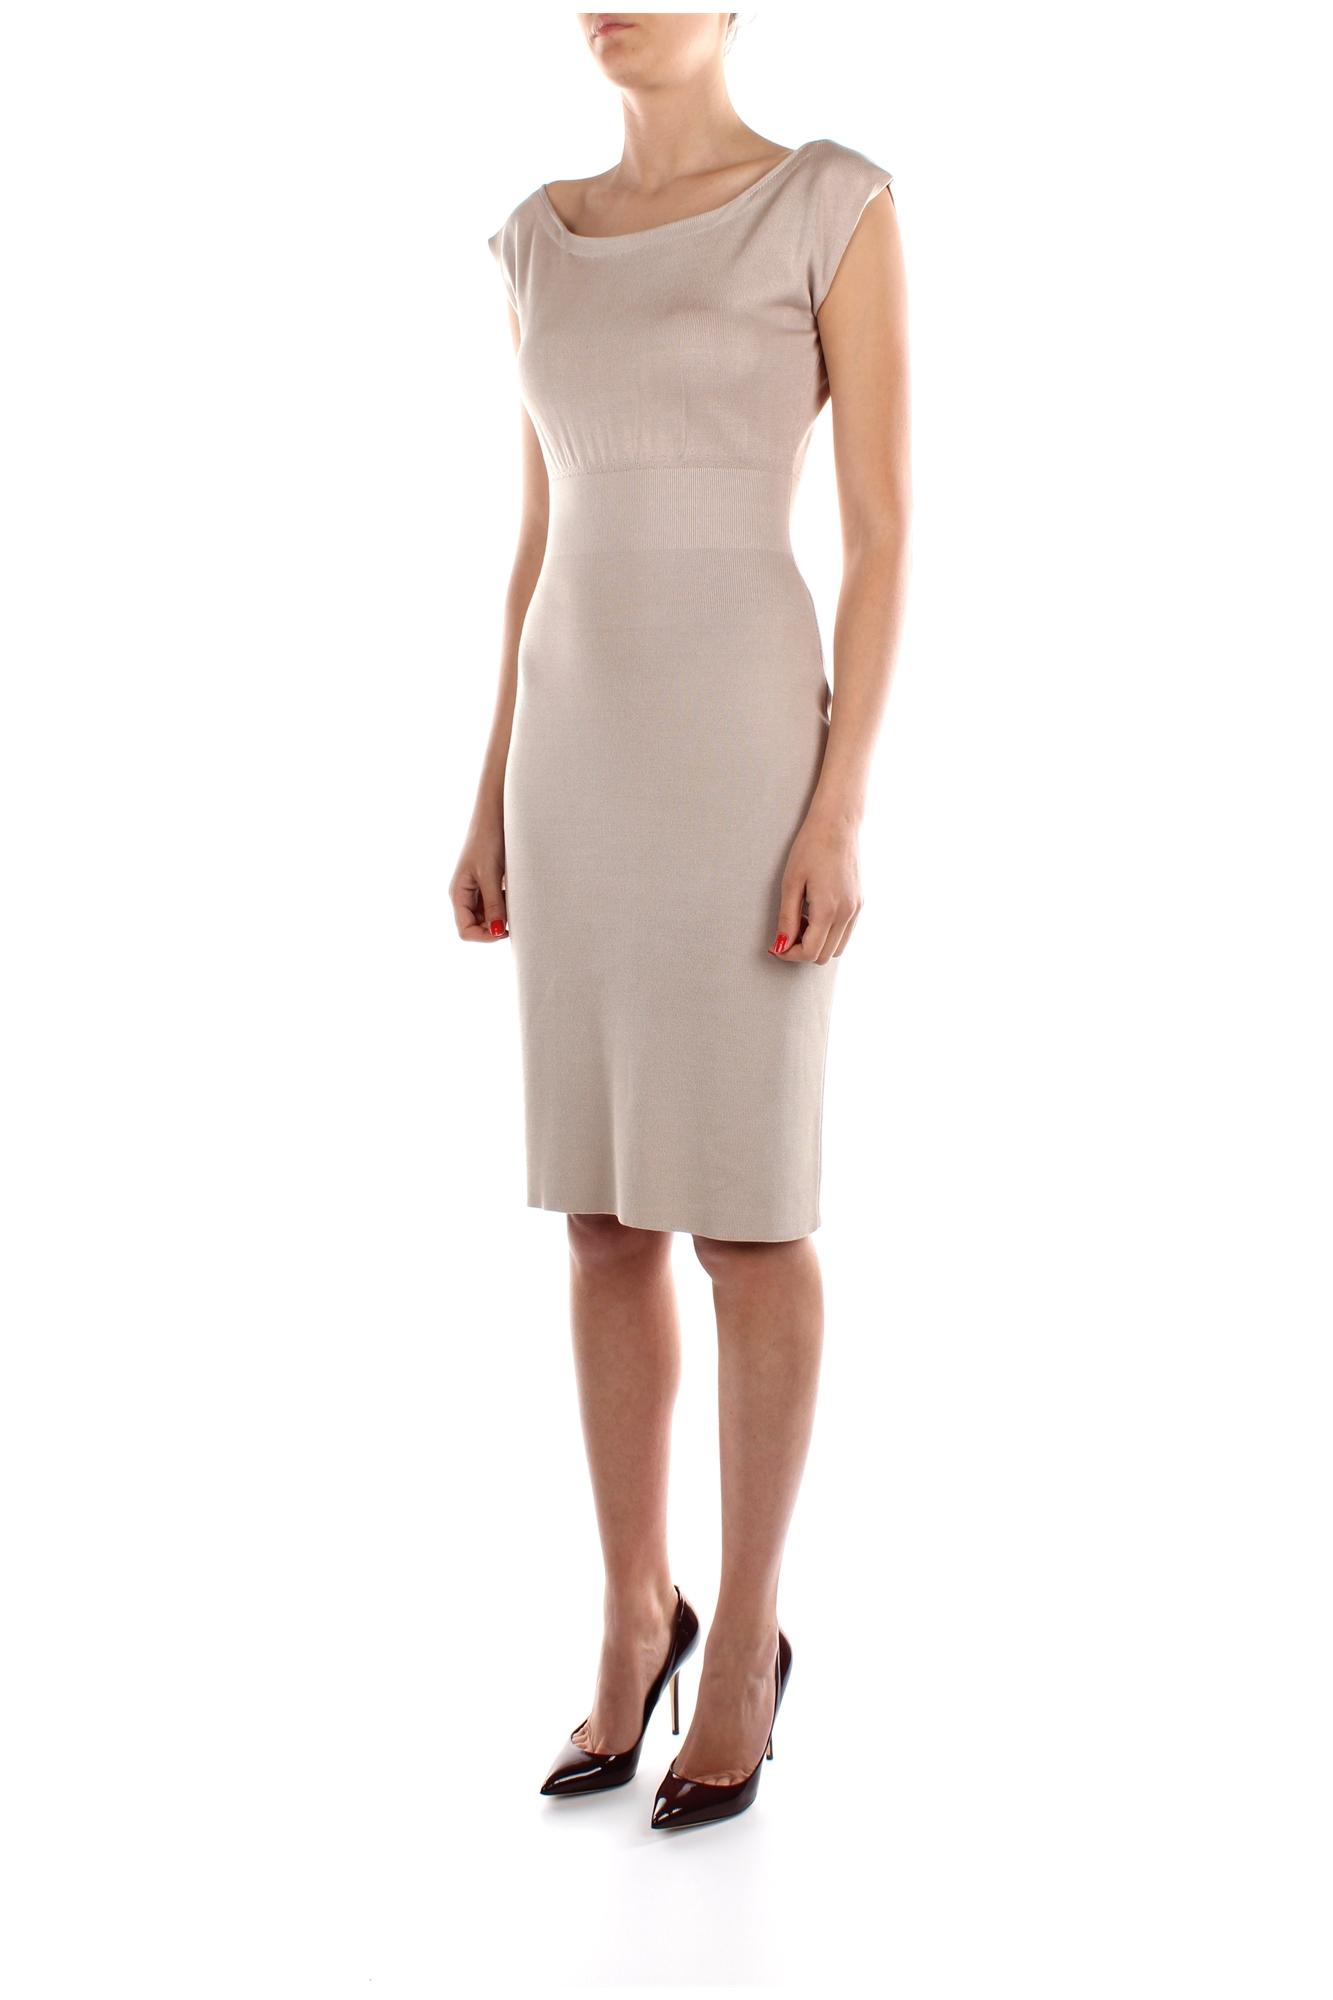 dresses prada women silk beige 123118sabbia ebay